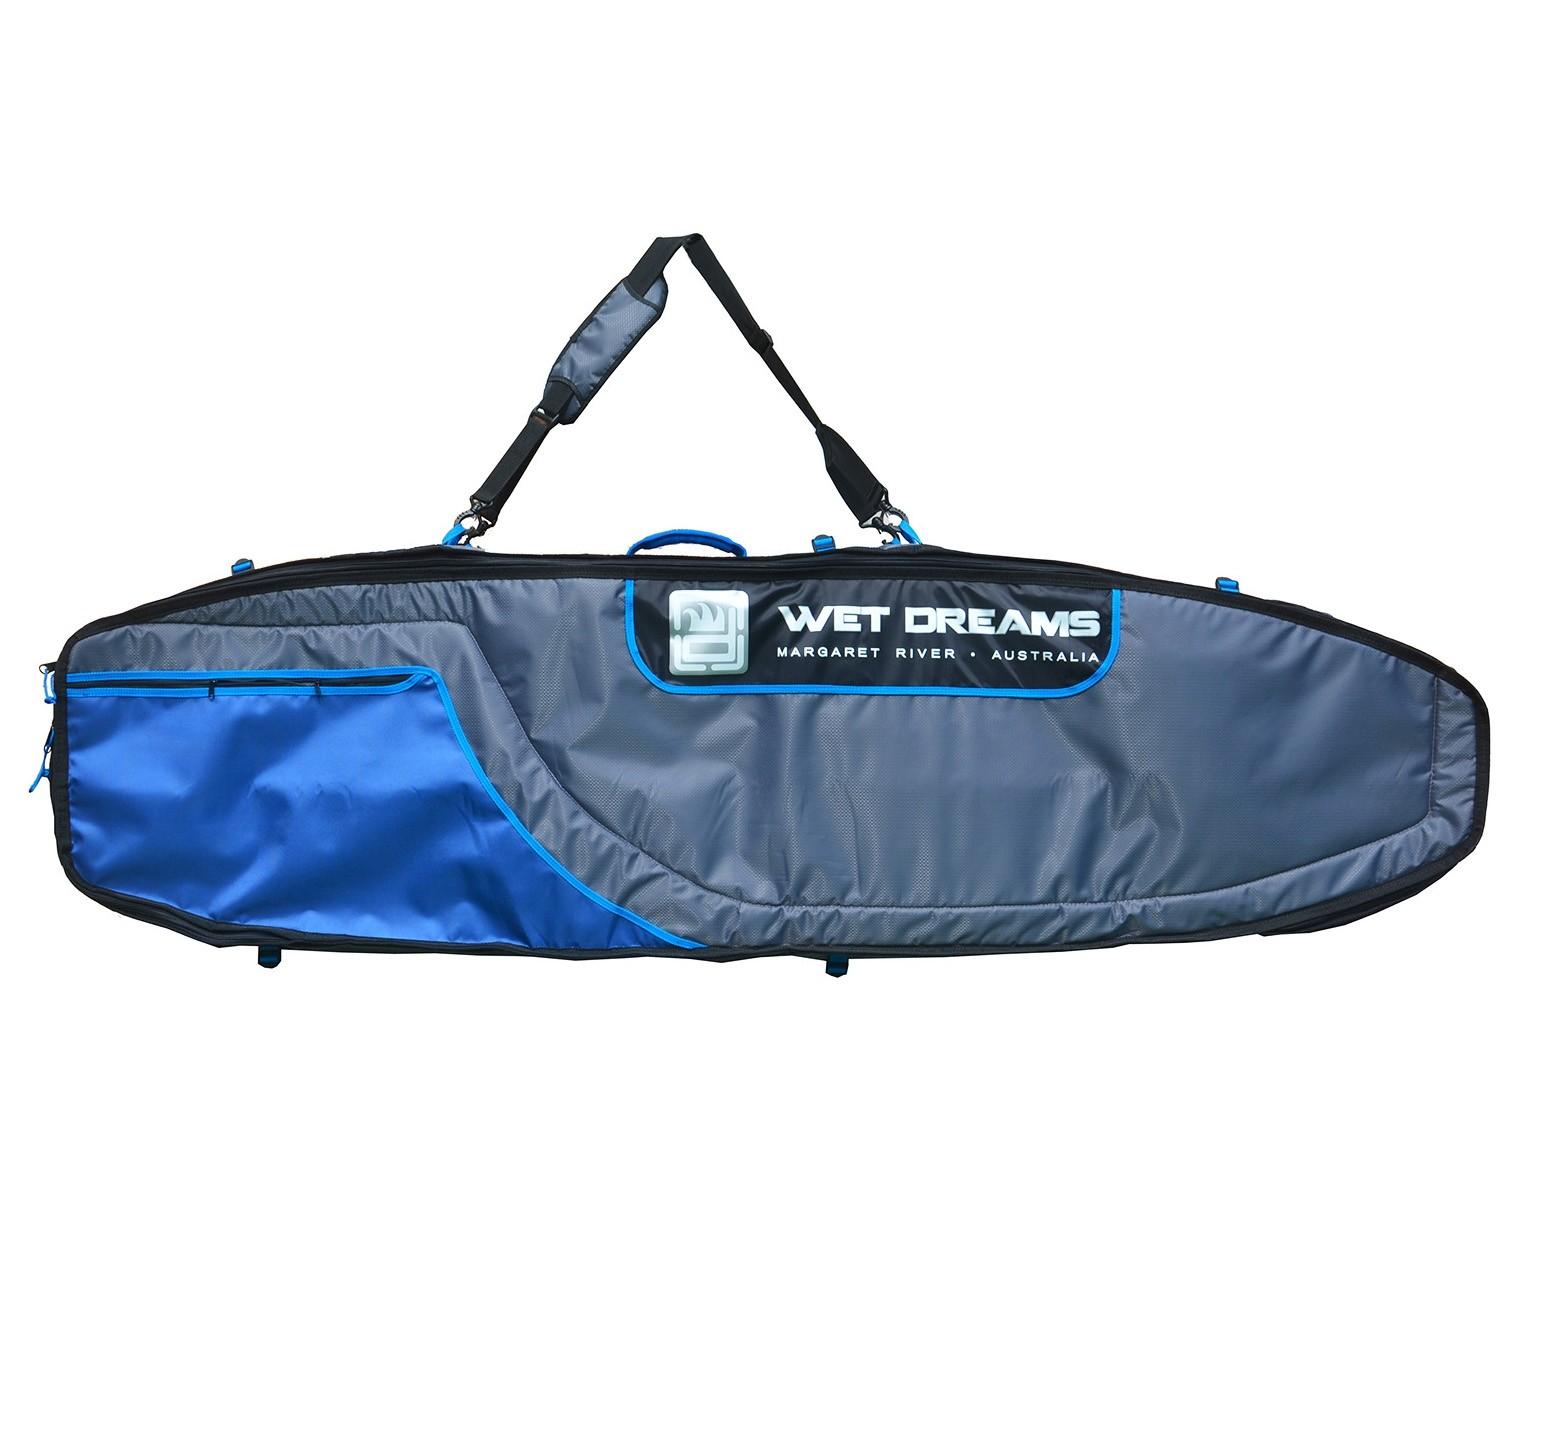 Sarcófago para 4 pranchas de Surf 6'0'' - 1,82m - Wet Dreams | Prancharia